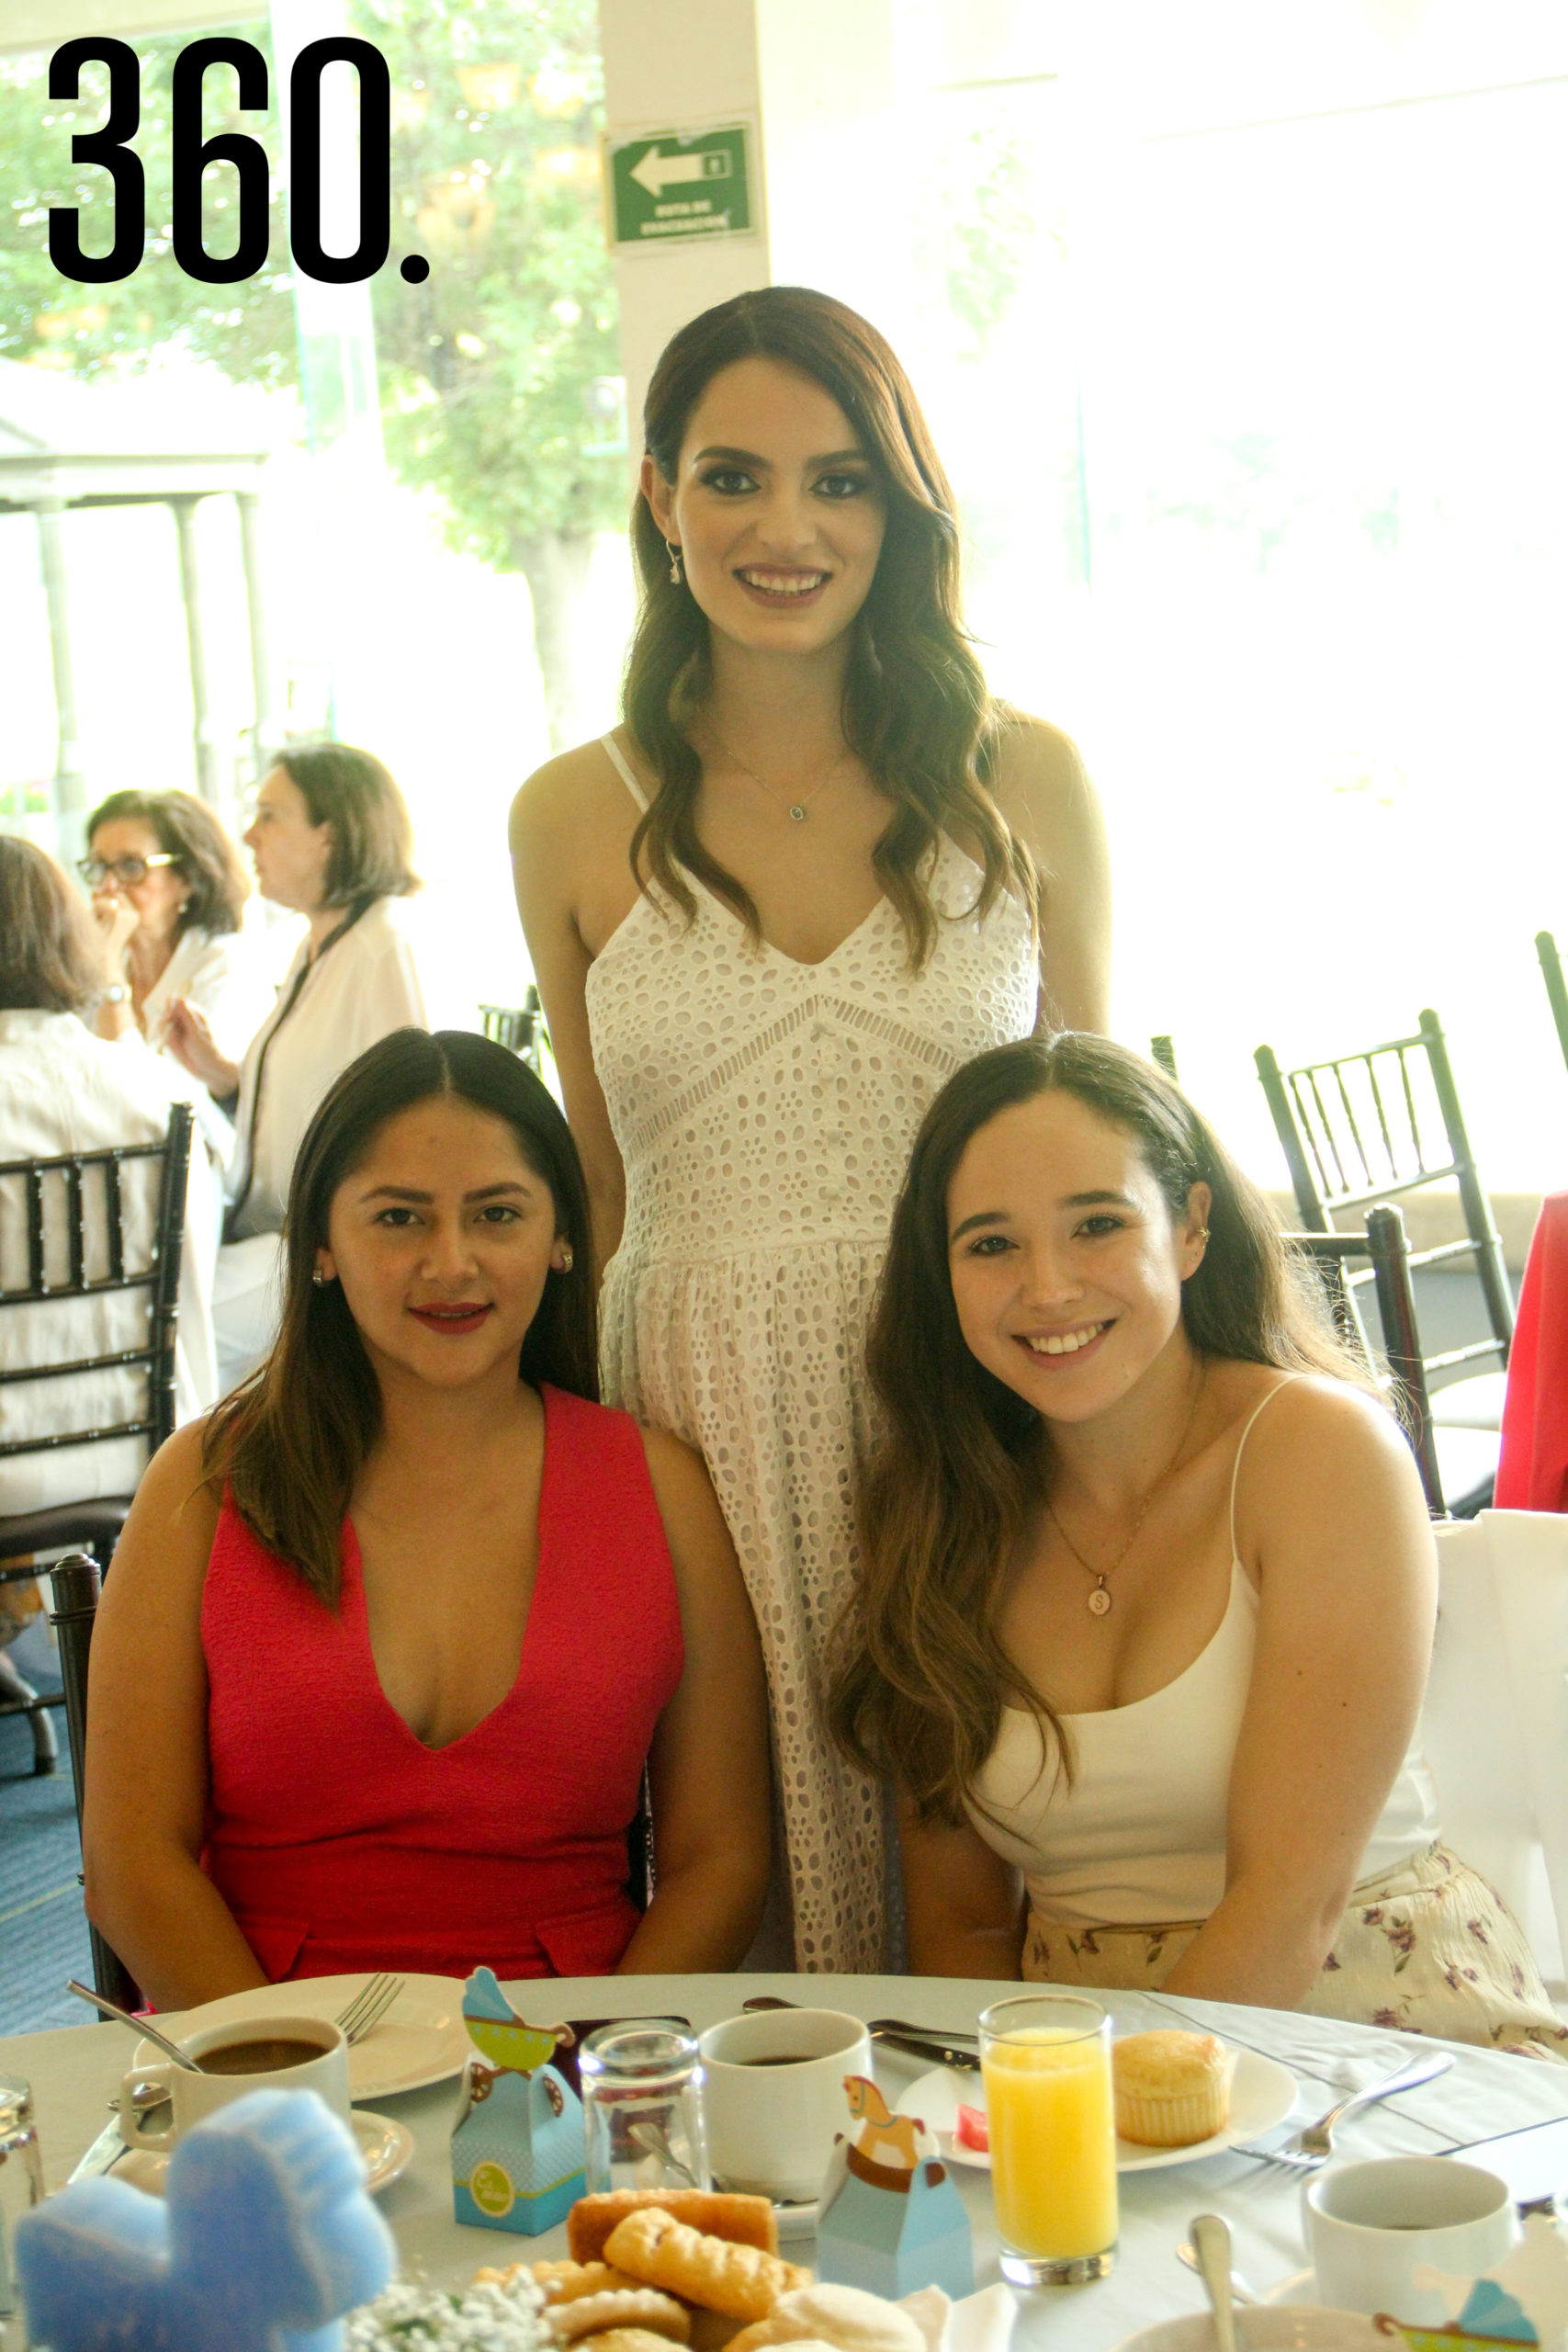 Amparo de las Fuentes, Sofía Romero y Karina Leos.